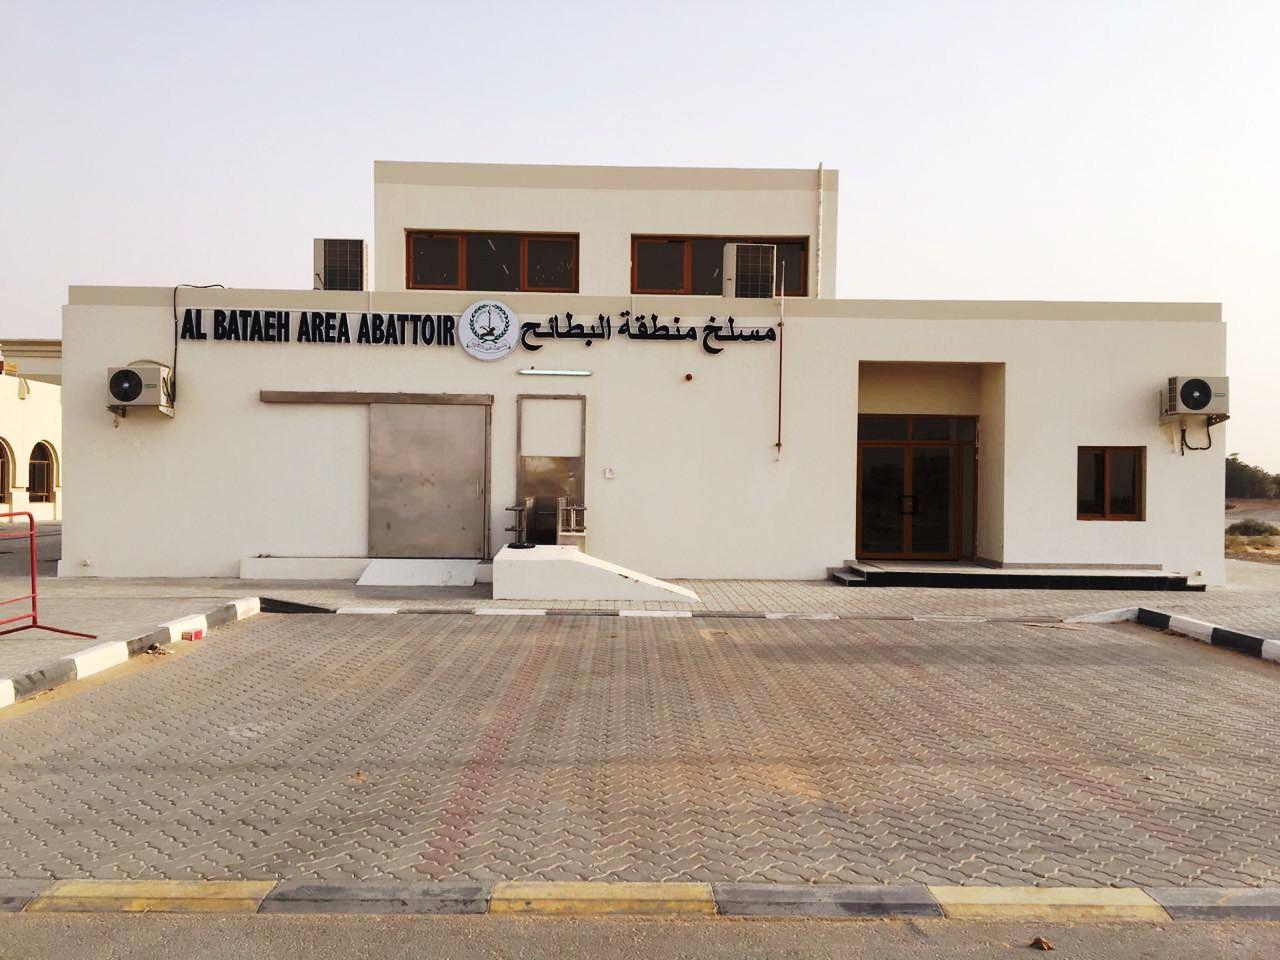 أشغال الشارقة تنجز المسلخ البلدي في البطائح بقيمة 2.3مليون درهم